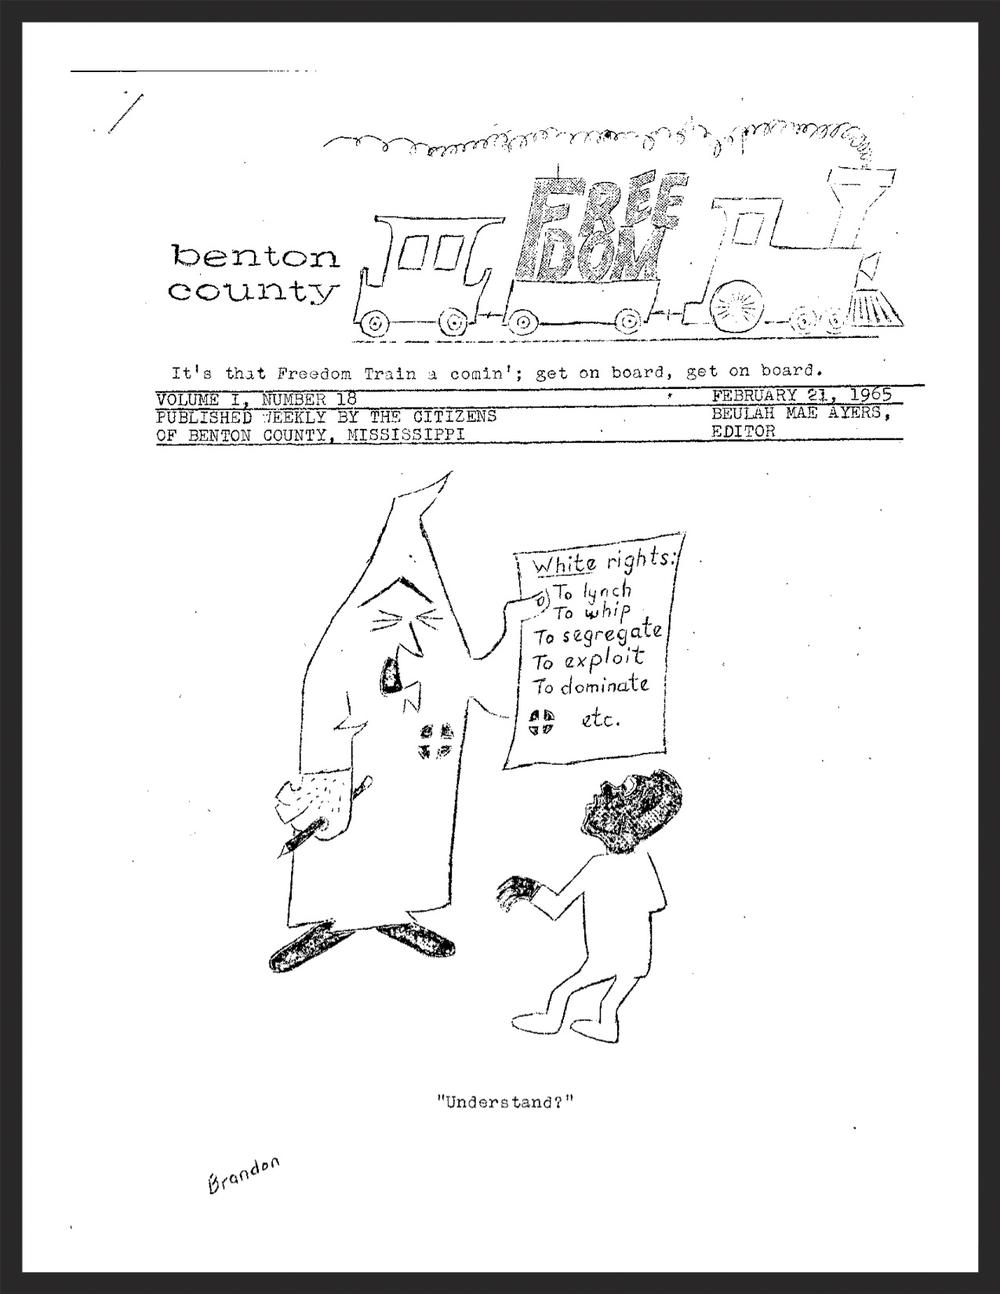 February 21, 1965